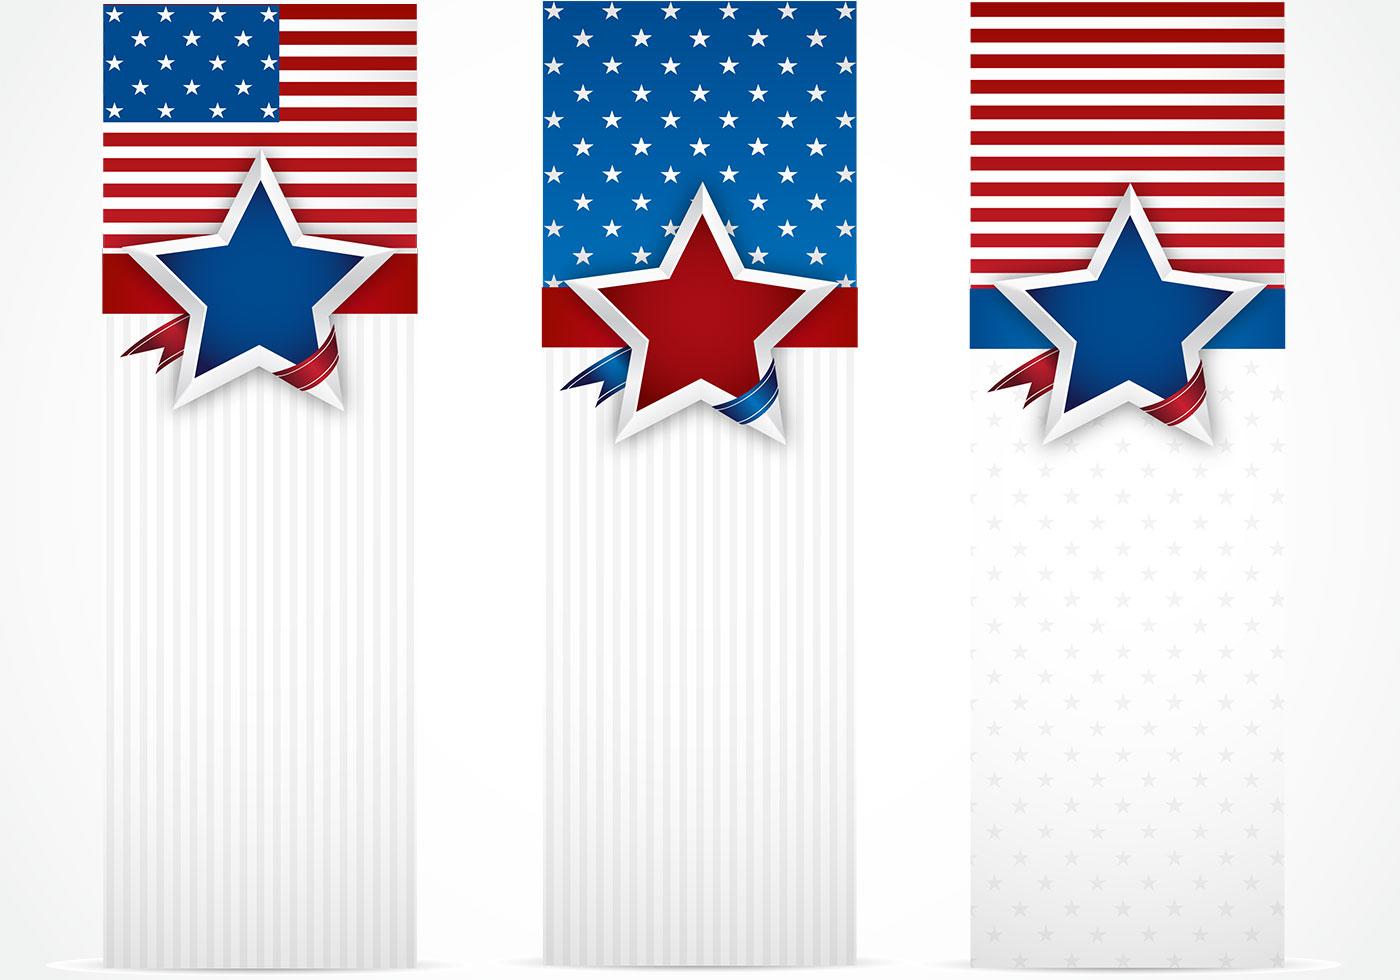 USA Banner Hintergrund Pack - Kostenlose Photoshop-Pinsel bei Brusheezy!